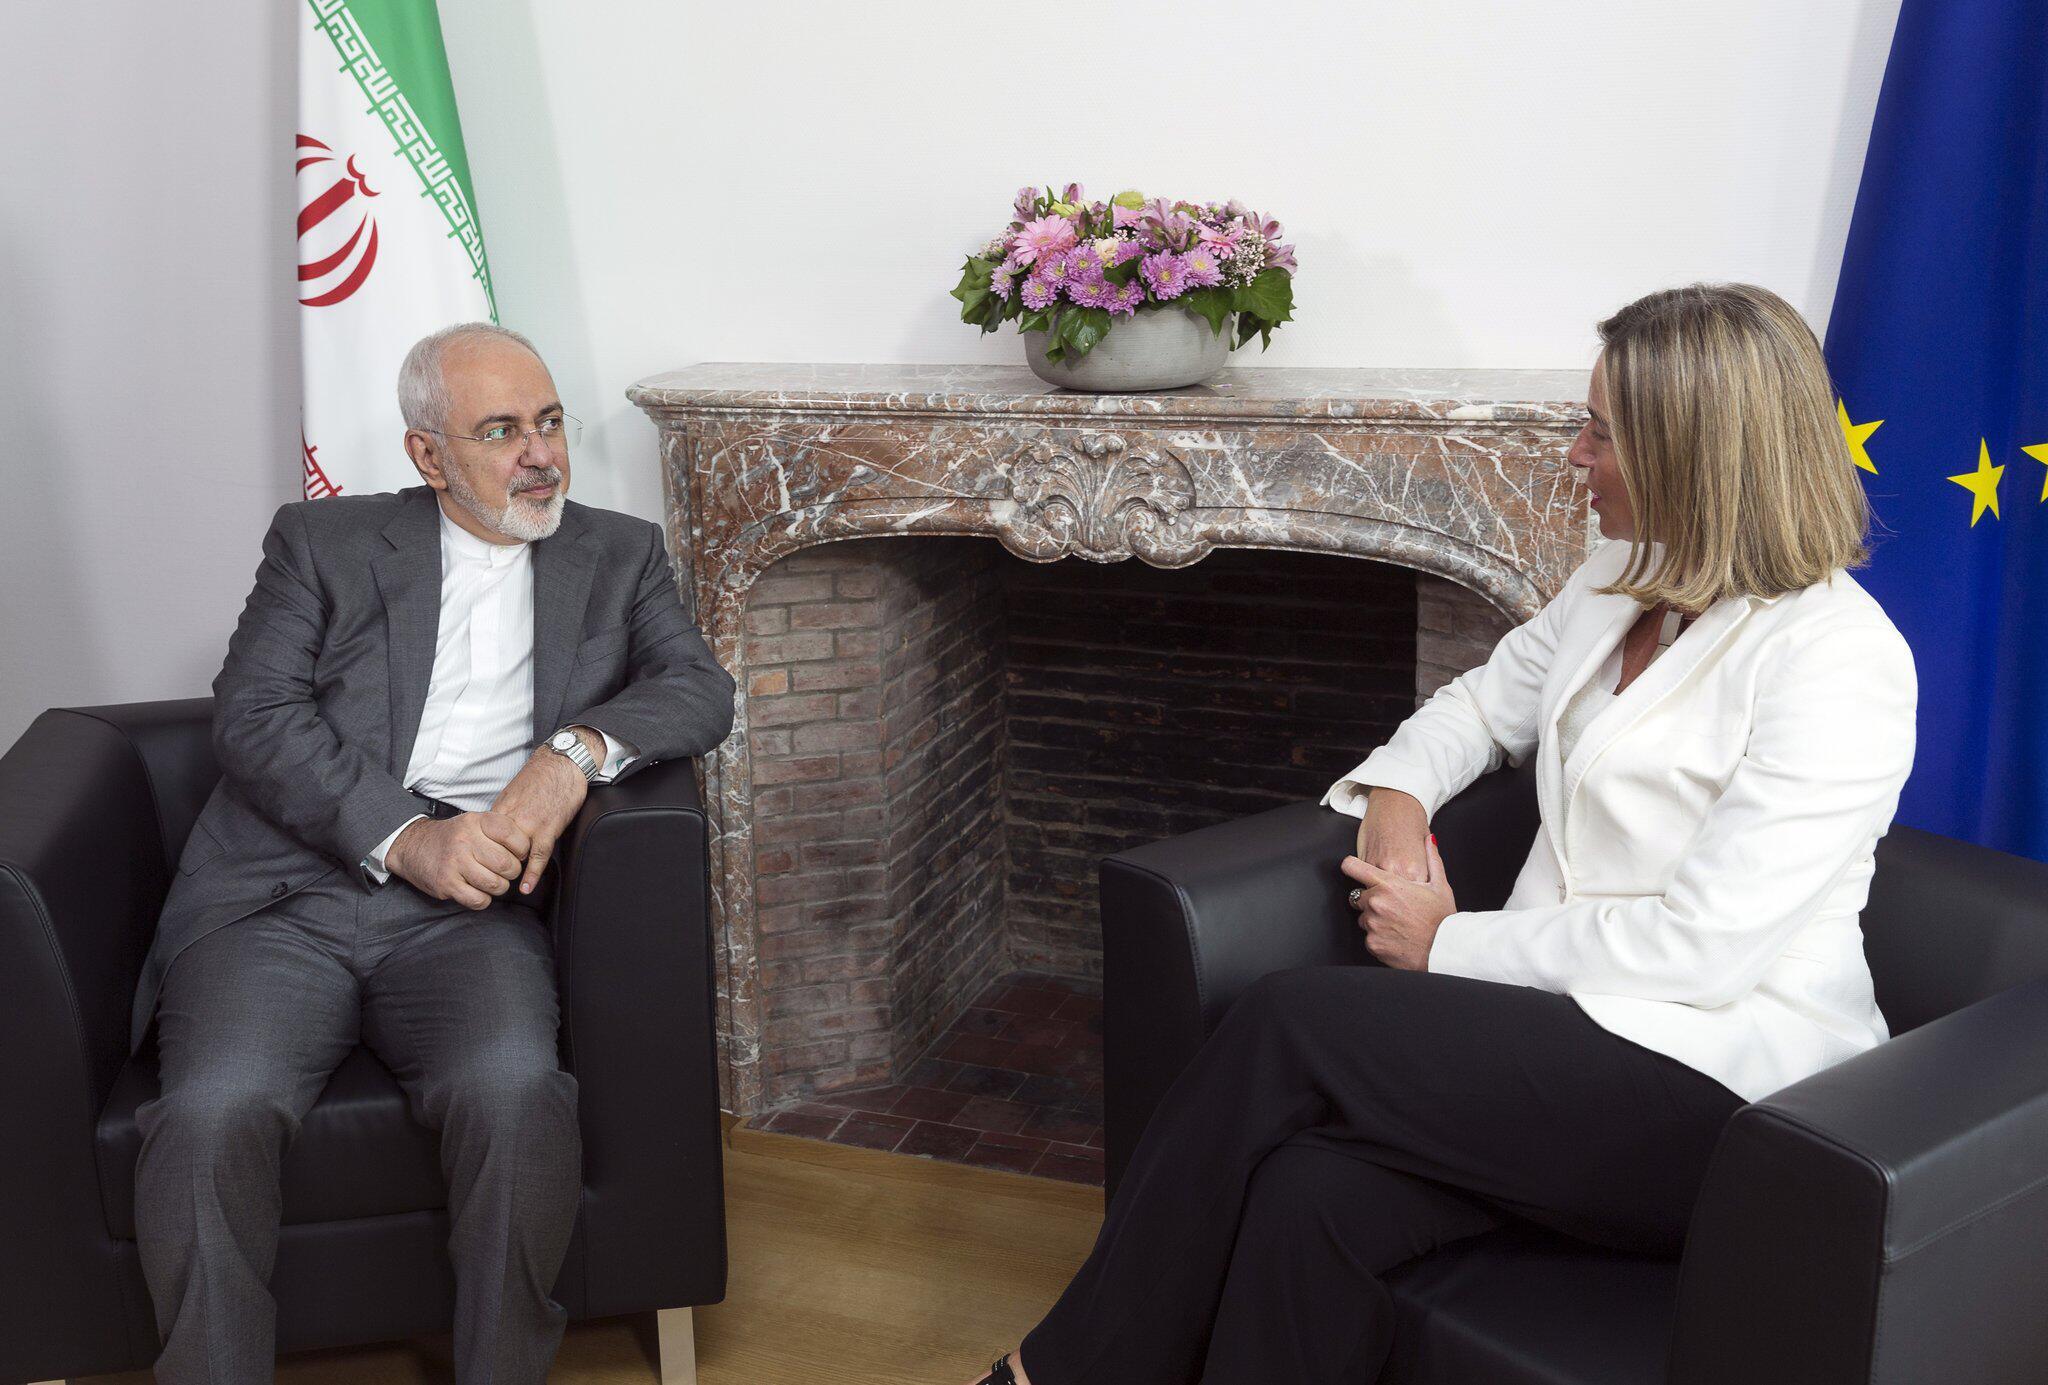 Bild zu Iranischer Außenminister in Brüssel